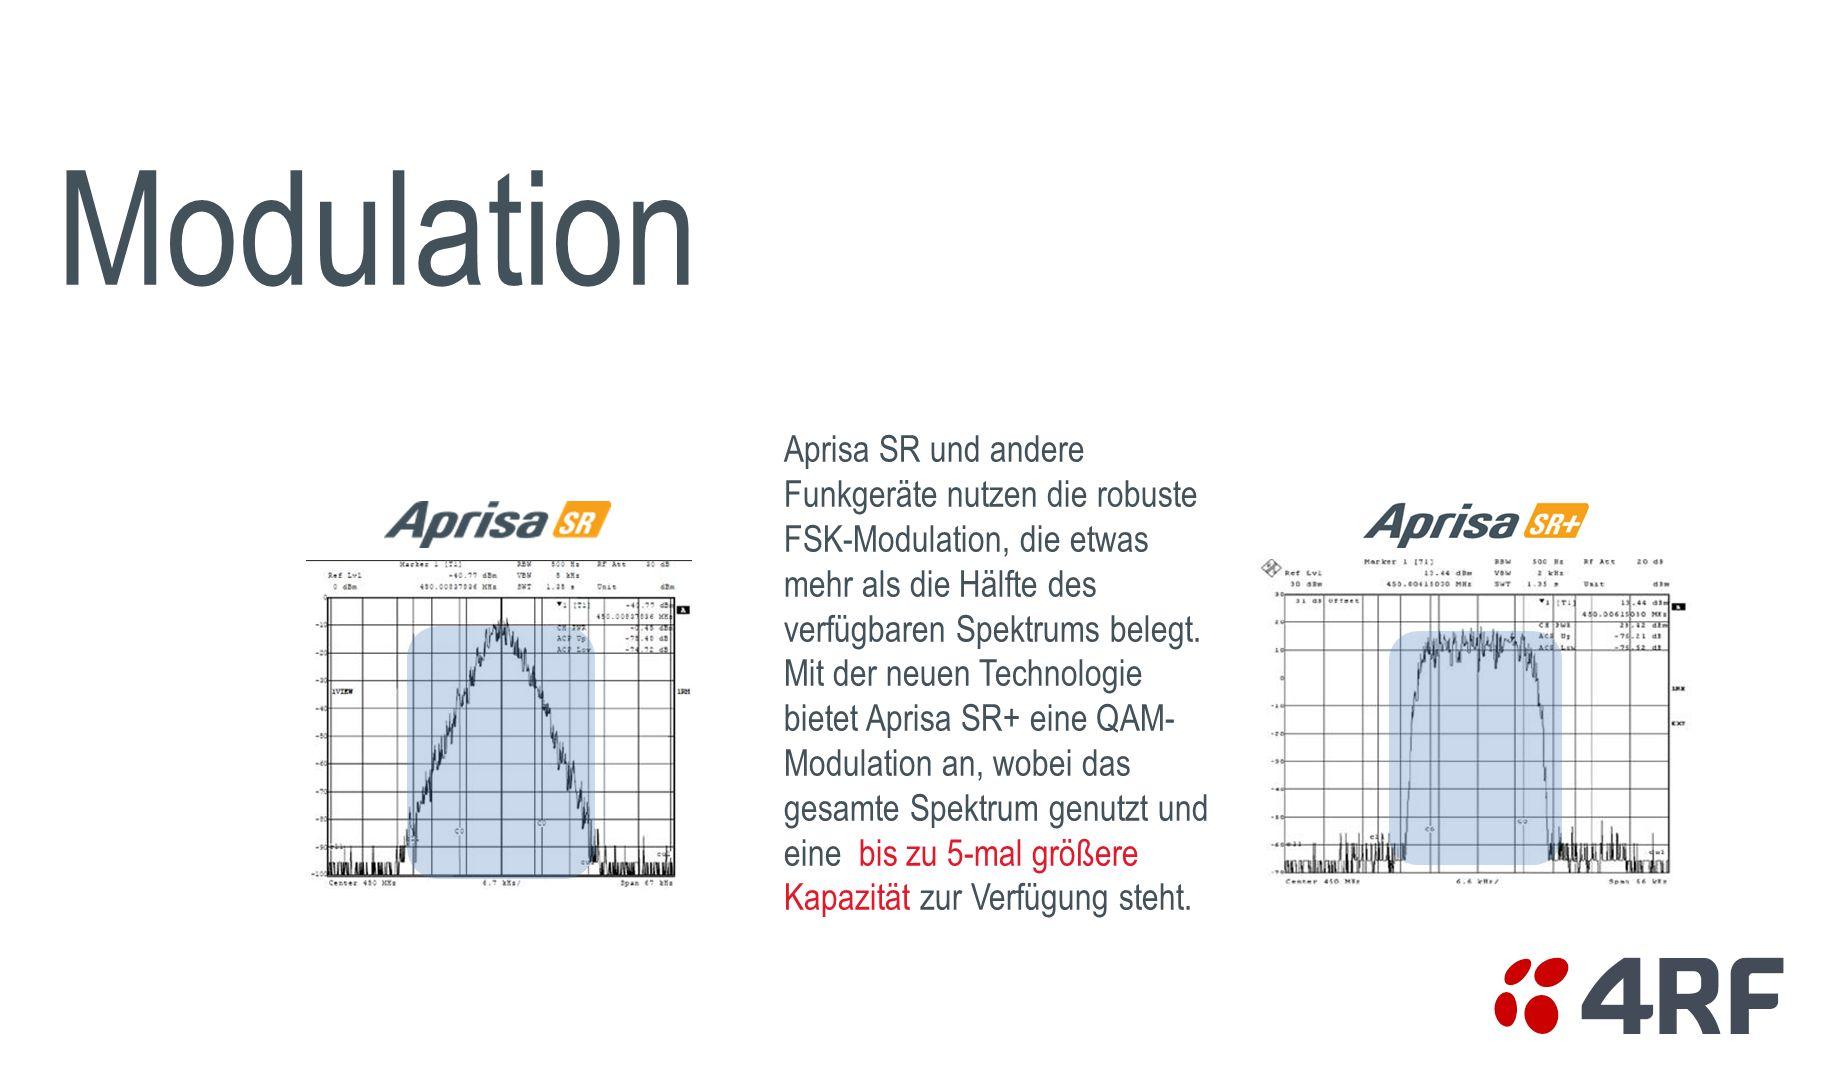 Modulation Aprisa SR und andere Funkgeräte nutzen die robuste FSK-Modulation, die etwas mehr als die Hälfte des verfügbaren Spektrums belegt. Mit der